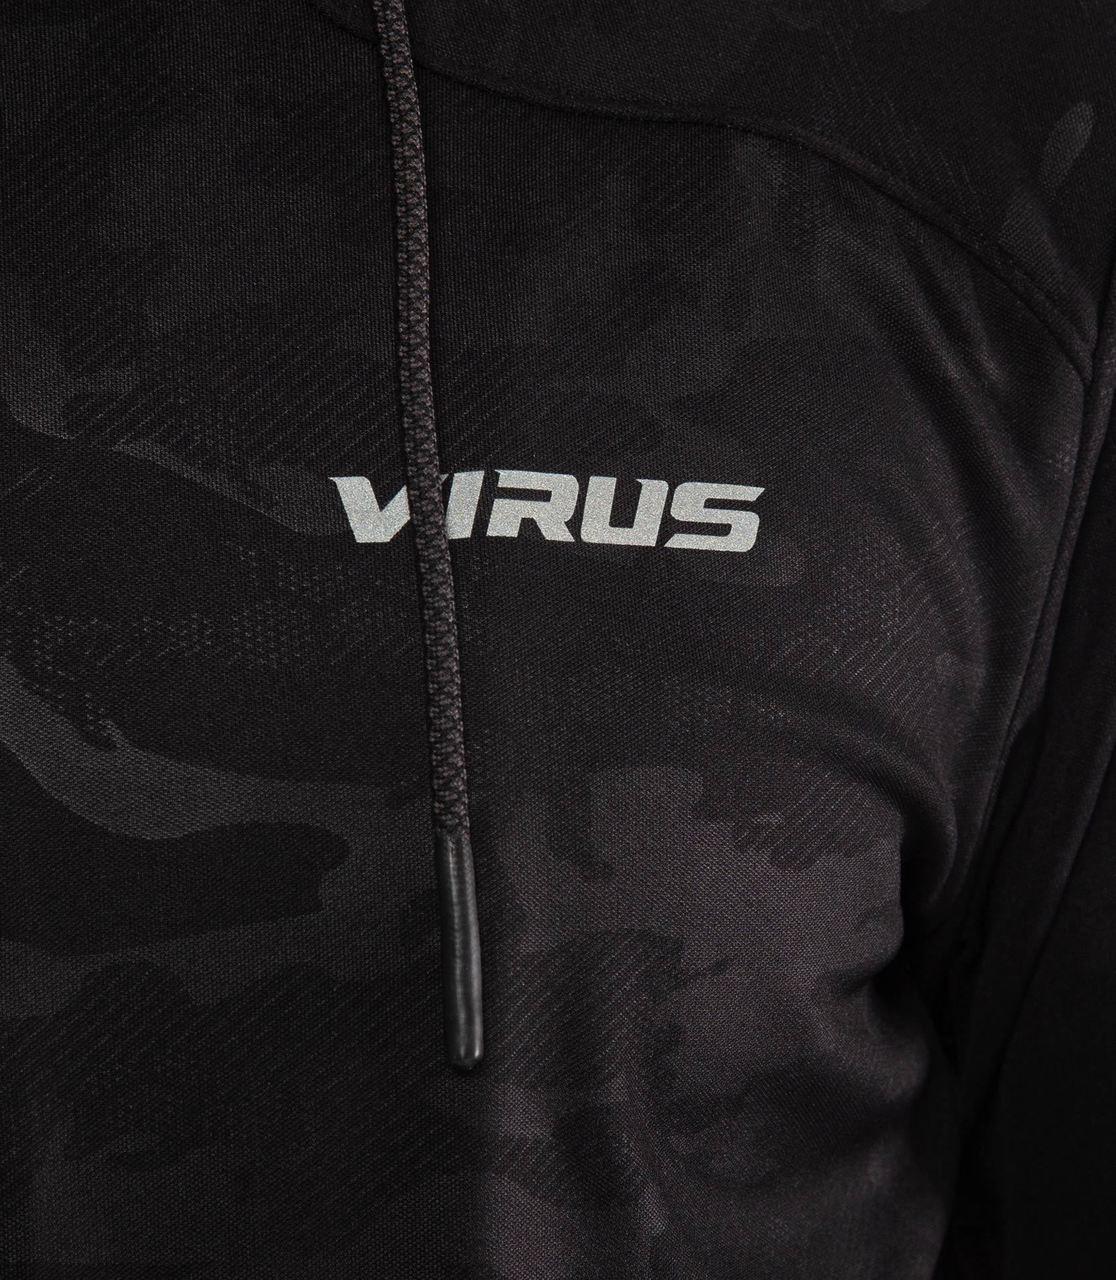 Olive Virus Mens BioFleet Full Zip Training Jacket Crossfit Open AU17 Gym